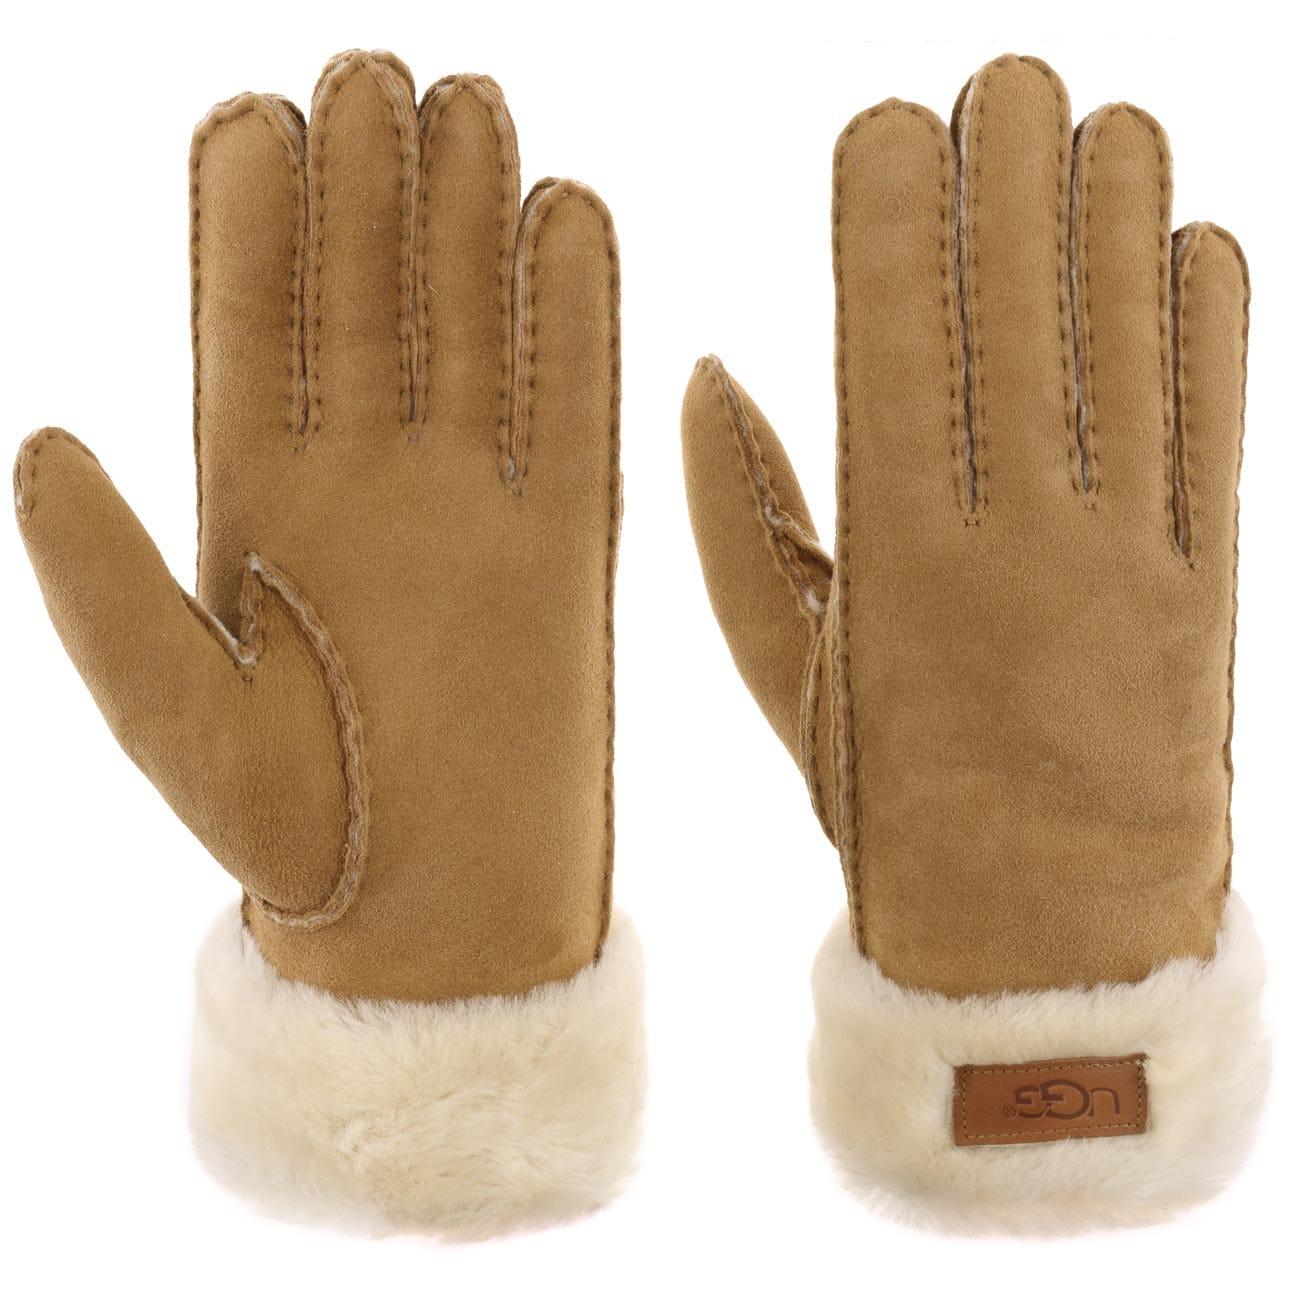 Ugg Handschoenen Bestellen